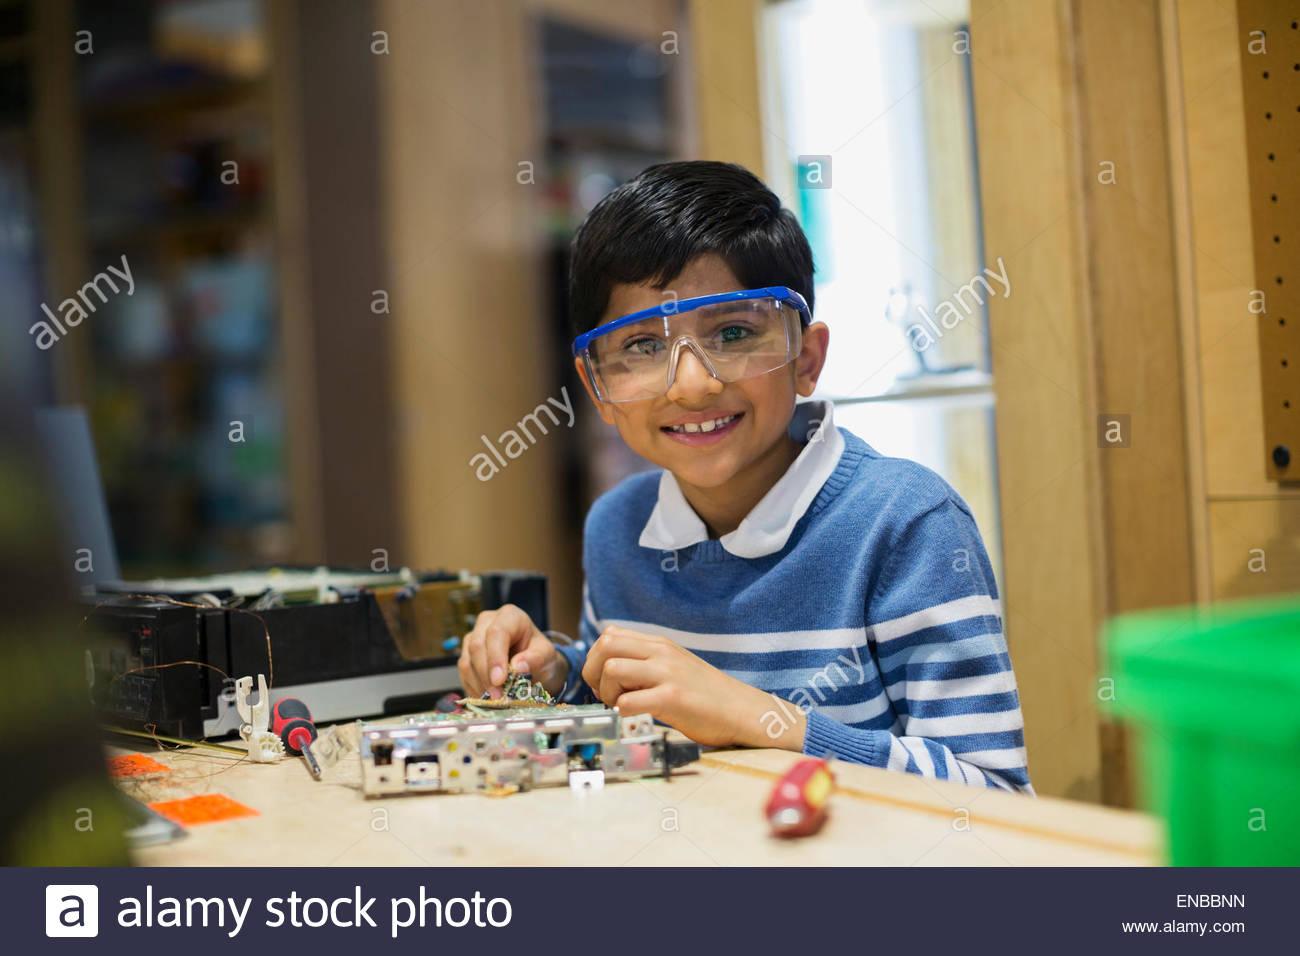 Porträt eines lächelnden jungen Montage Elektronik Wissenschaftszentrum Stockbild